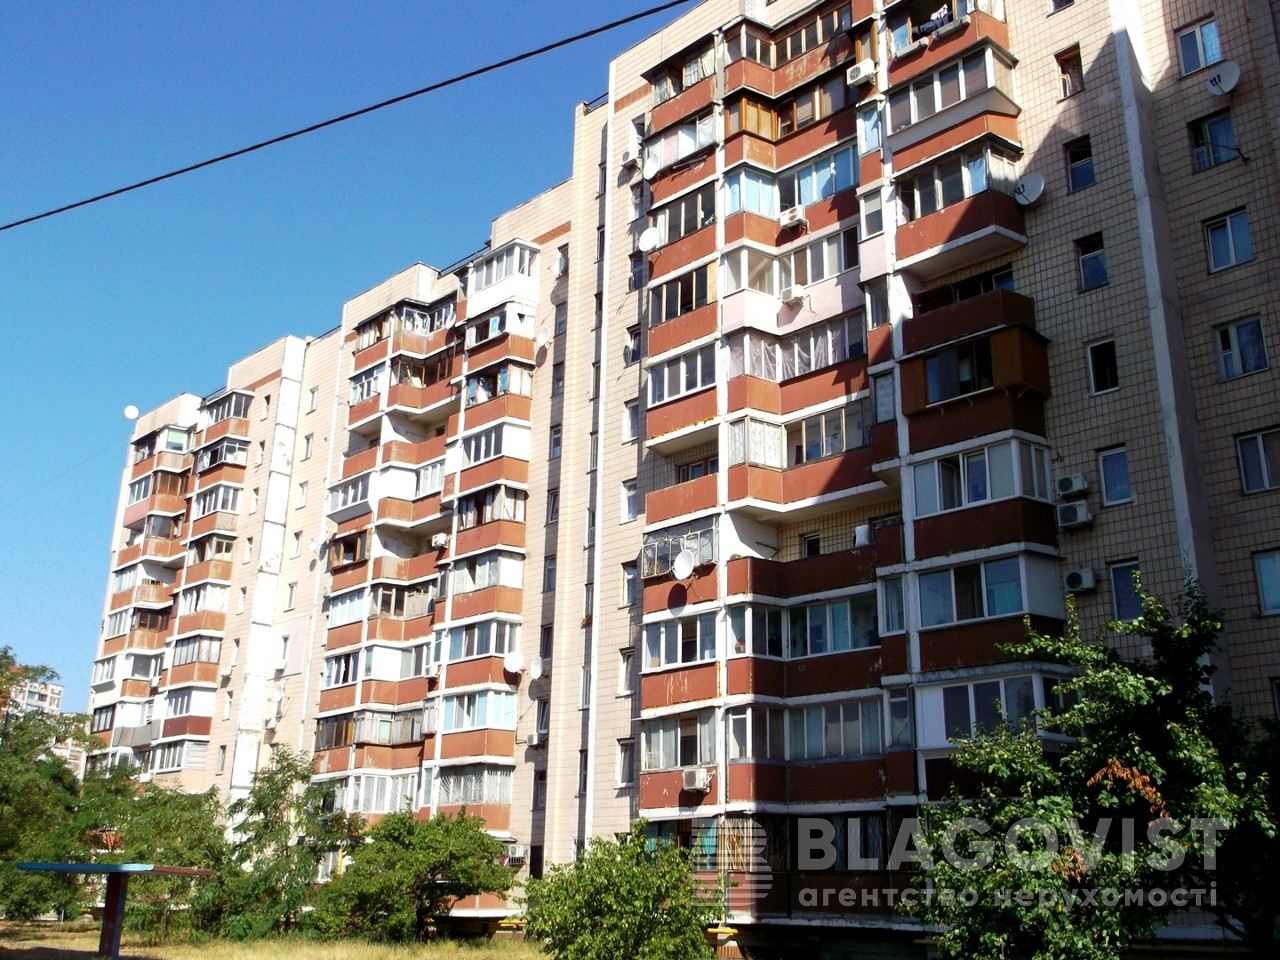 Салон краси, C-102828, Закревського М., Київ - Фото 1